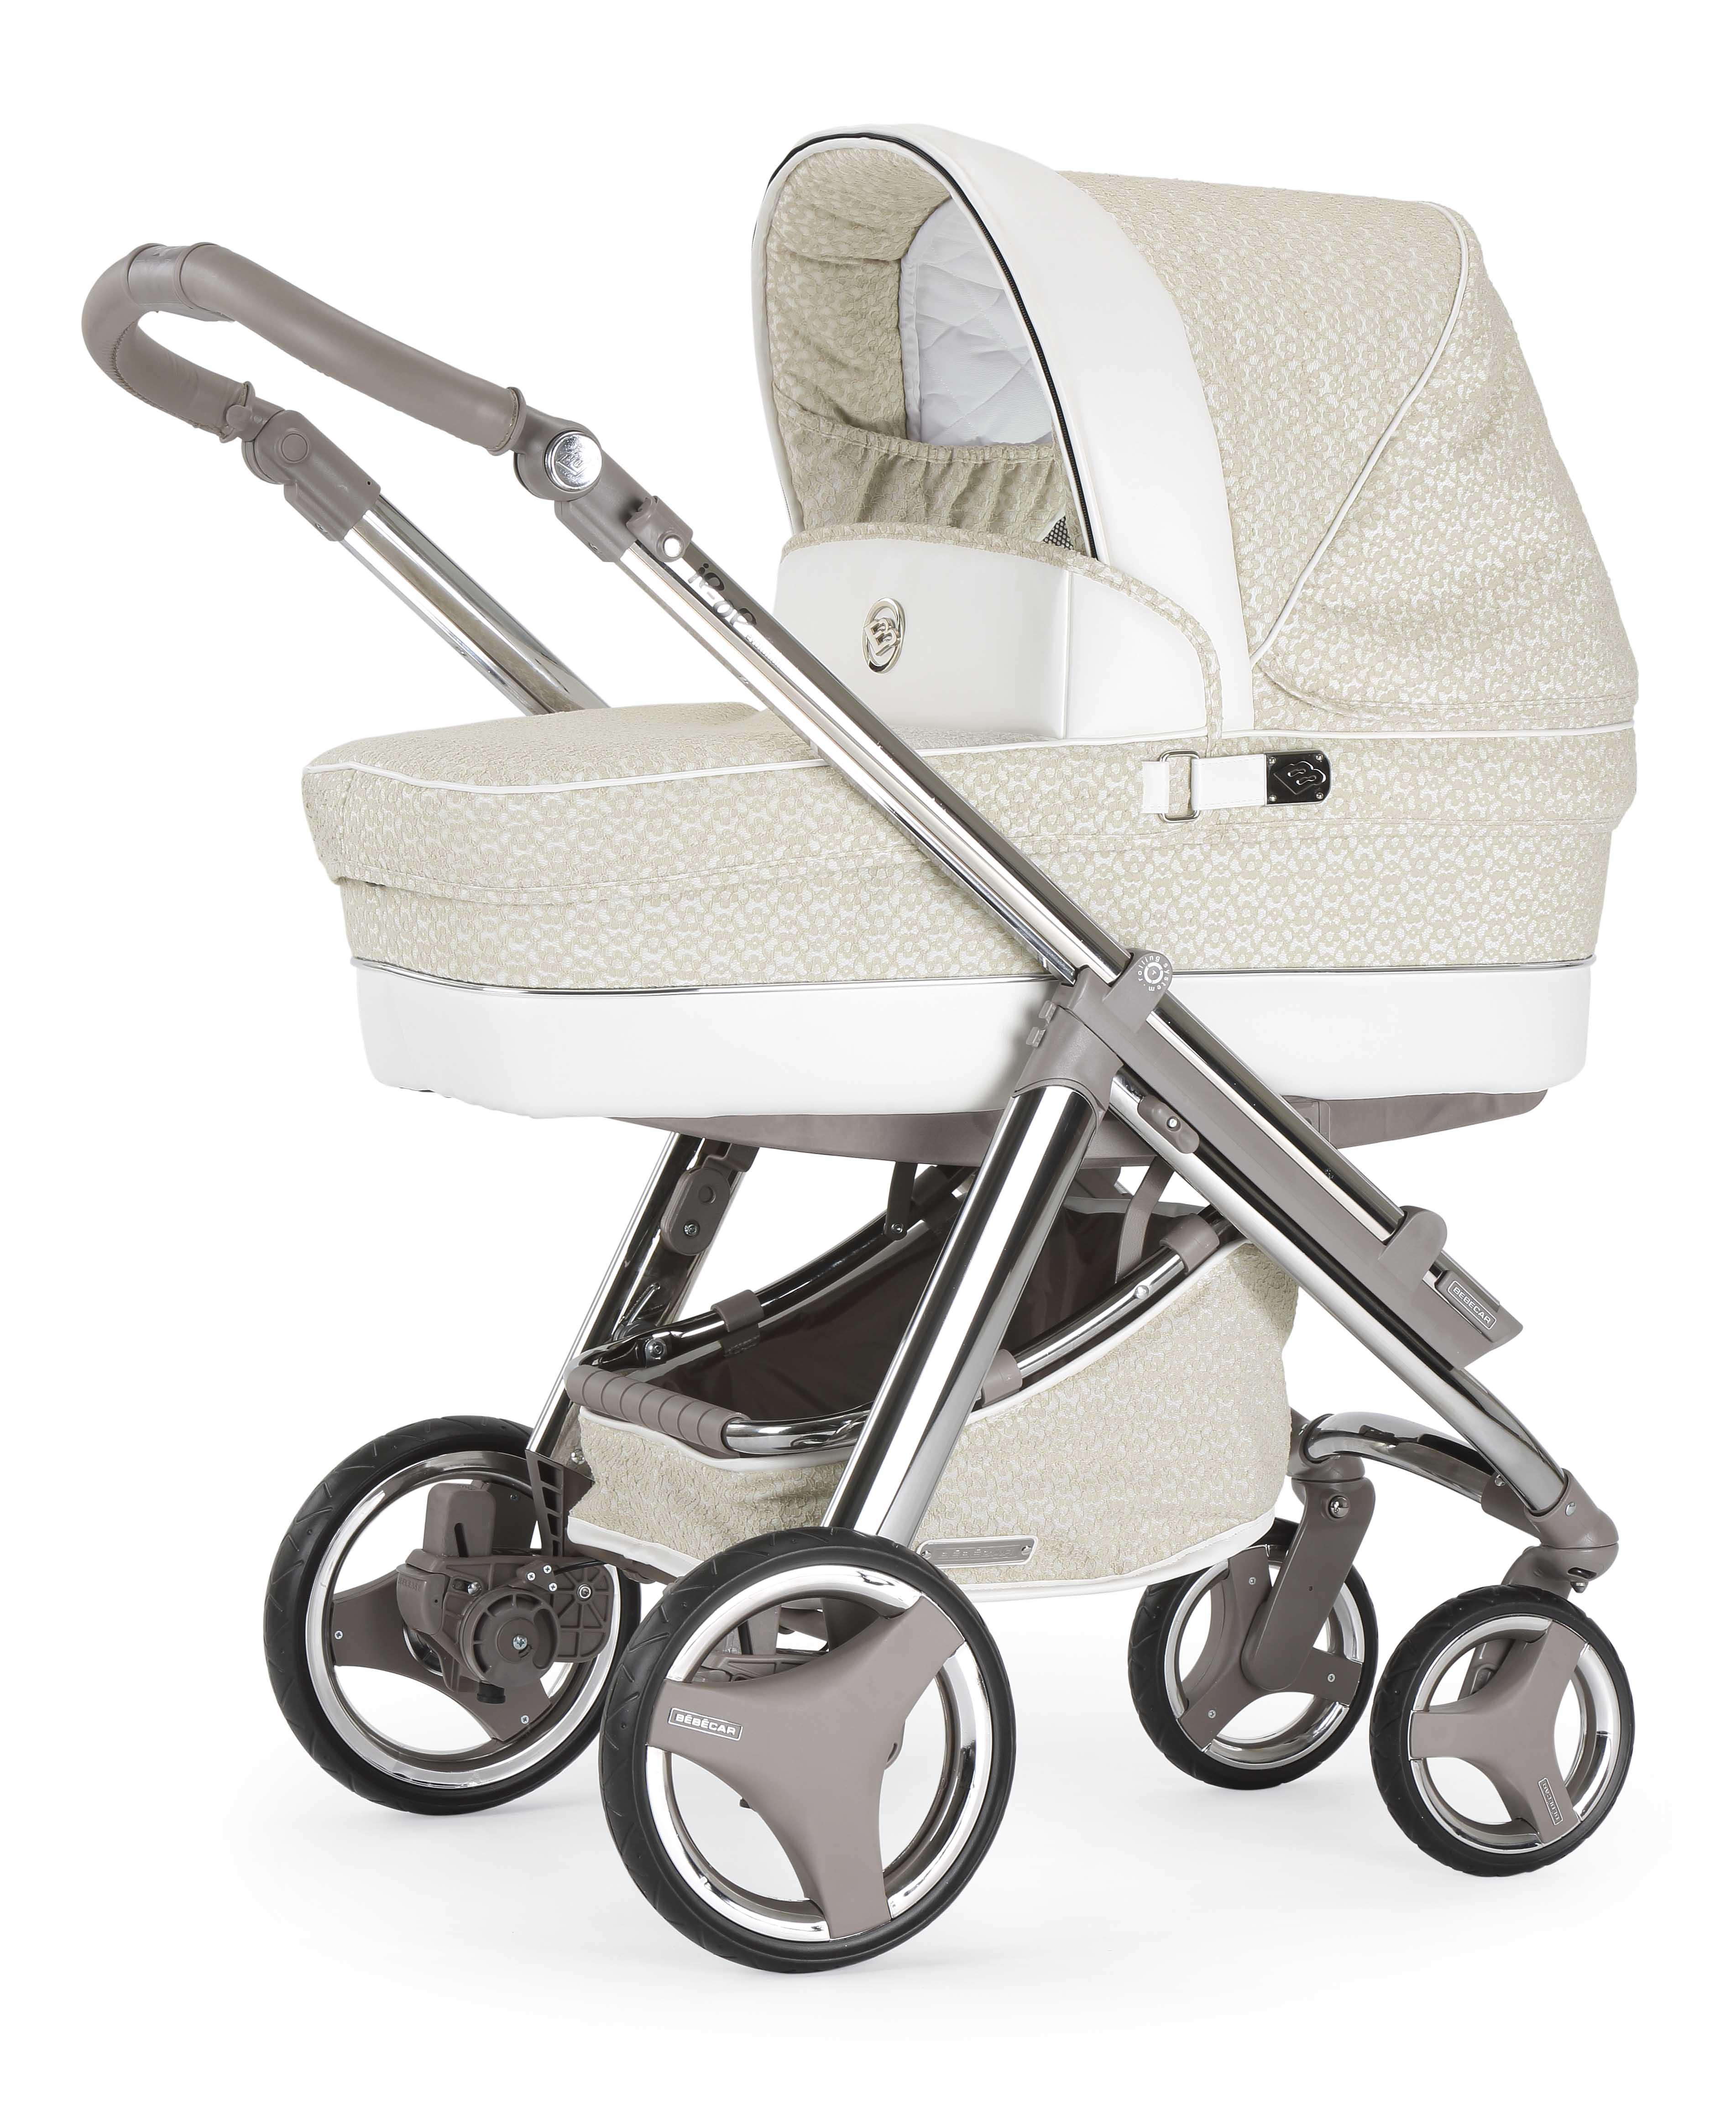 Conoces la colecci n de coches de beb priv 2015 de for Precios sillitas bebe para coche